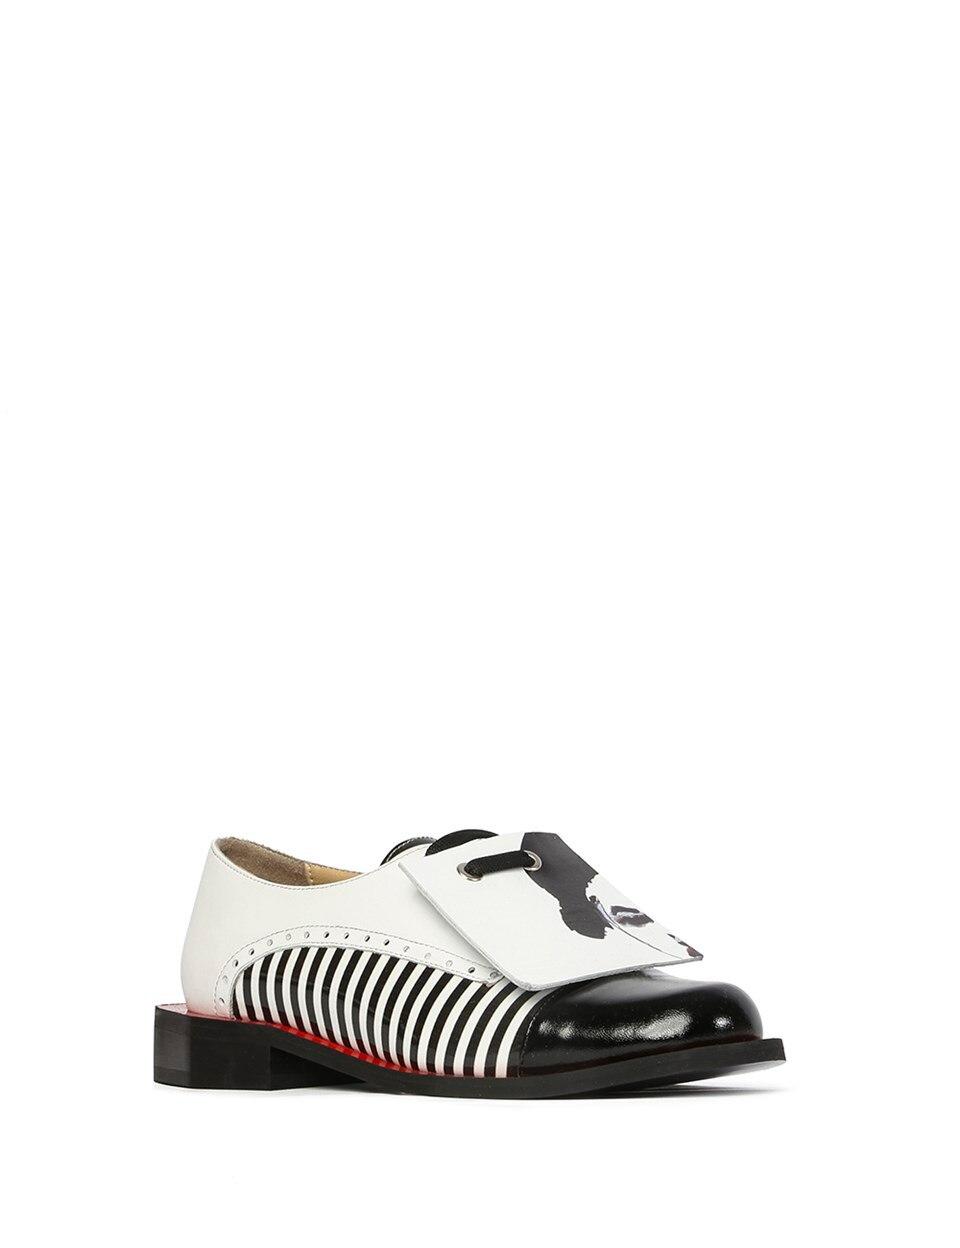 ILVi-Handmade Genuine Leather Boss Women's Oxford Black White 2020 Women Shoes for Spring Summer